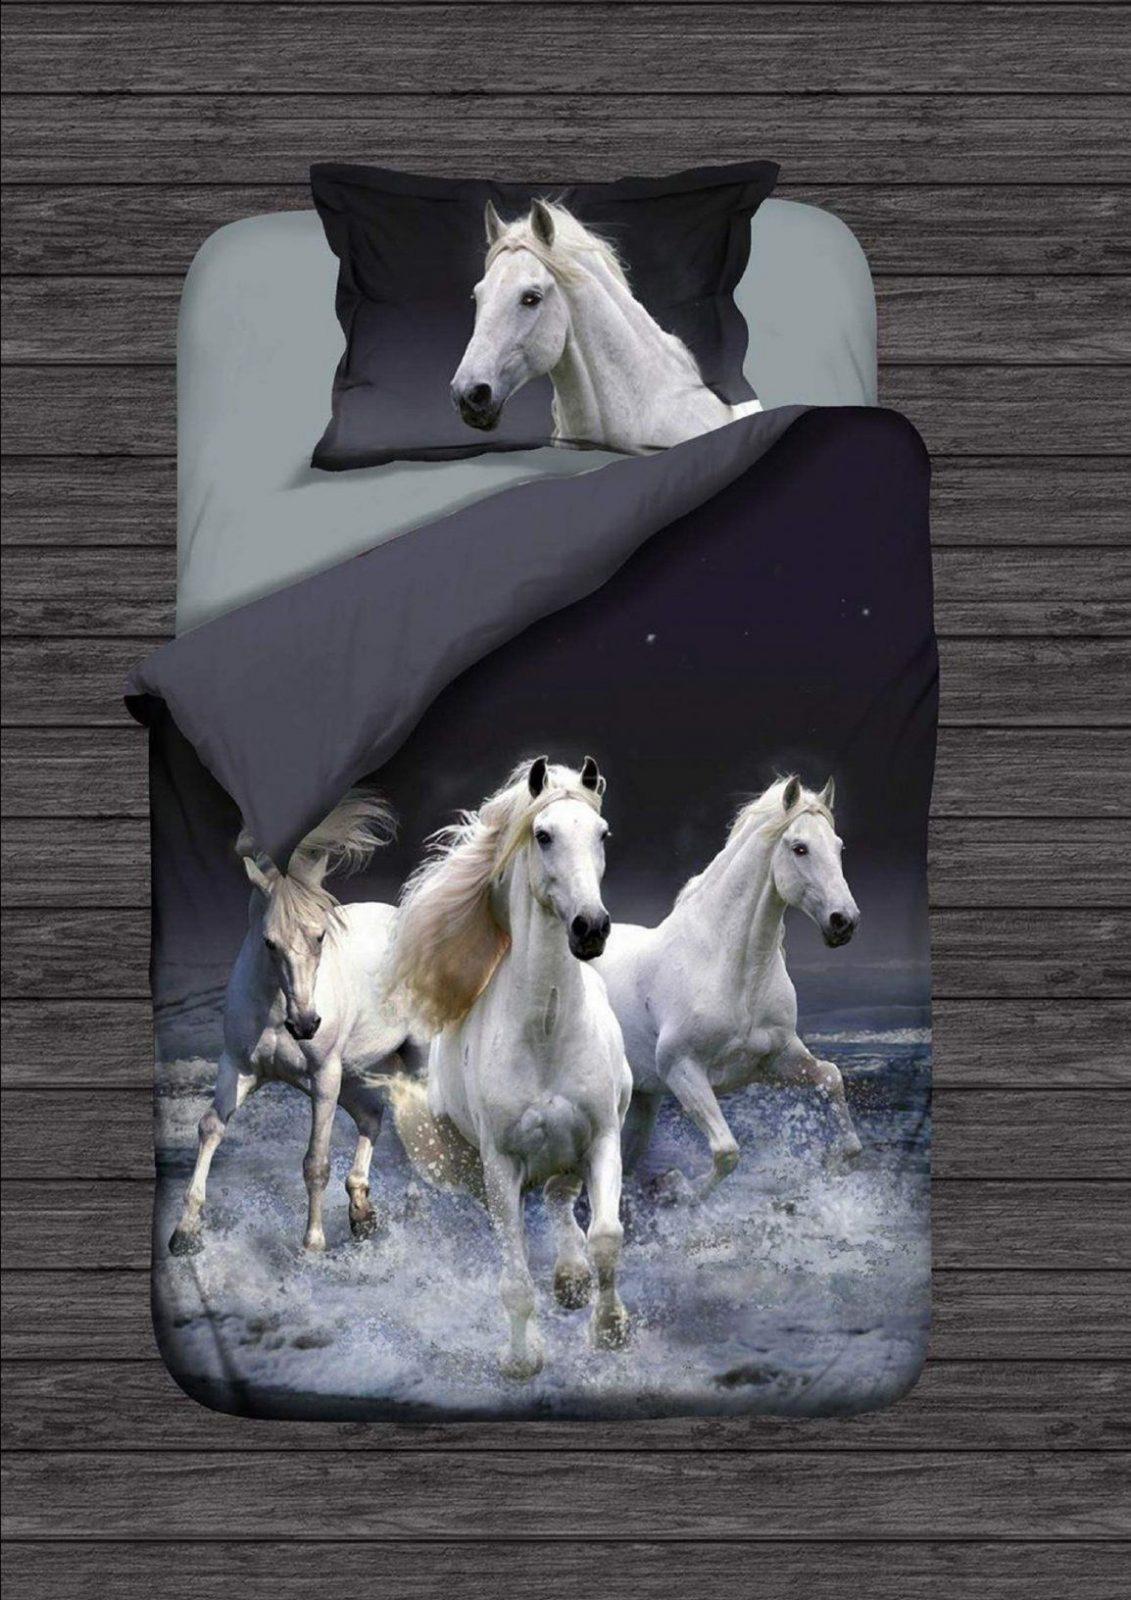 Neue Fotodruck Bettwäsche Ist Eingetroffen Neue Pferde Und Andere von Bettwäsche Pferde Fotodruck Photo